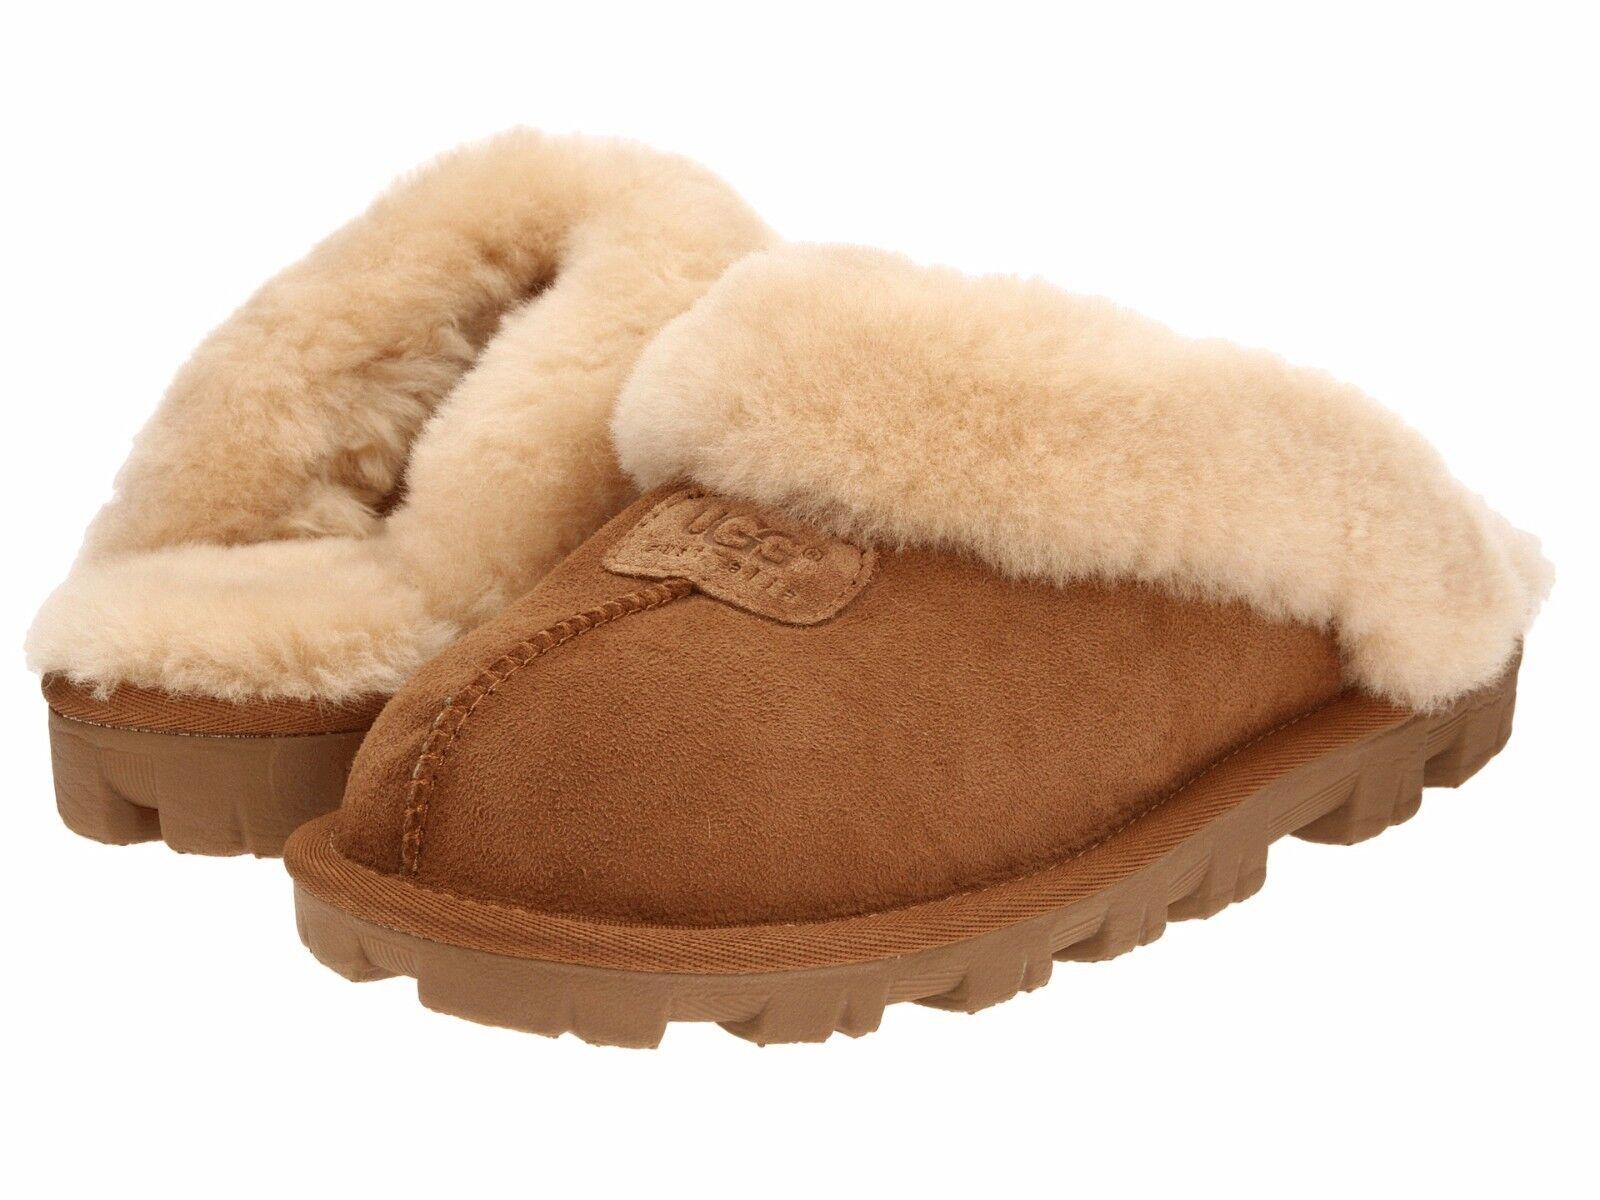 Női cipő UGG Coquette Báránybőr Papucs 5125 Gesztenye 5 6 7 8 9 10 11 * Új *